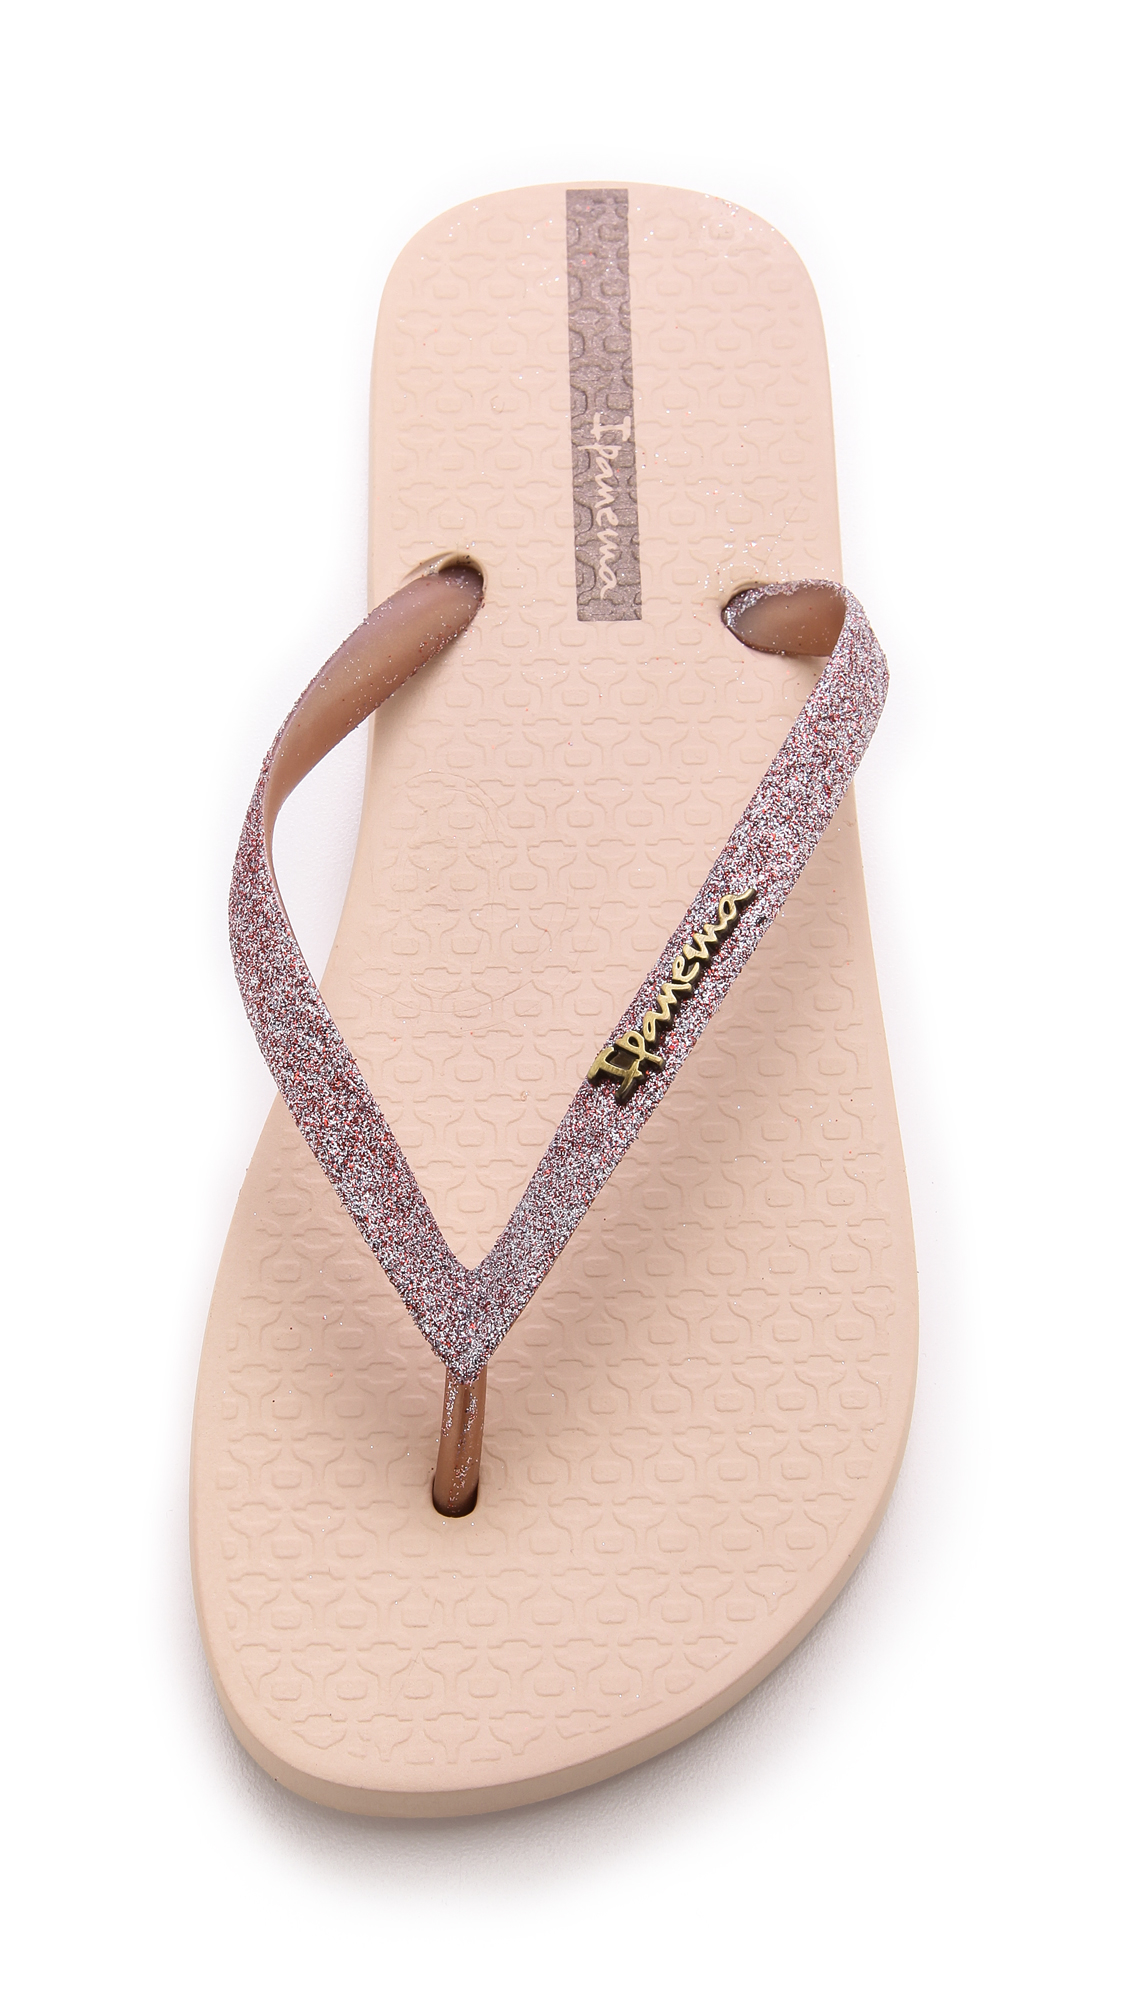 de360fbba8c5 Lyst - Ipanema Glitter Ii Flip Flops - Silver in Pink